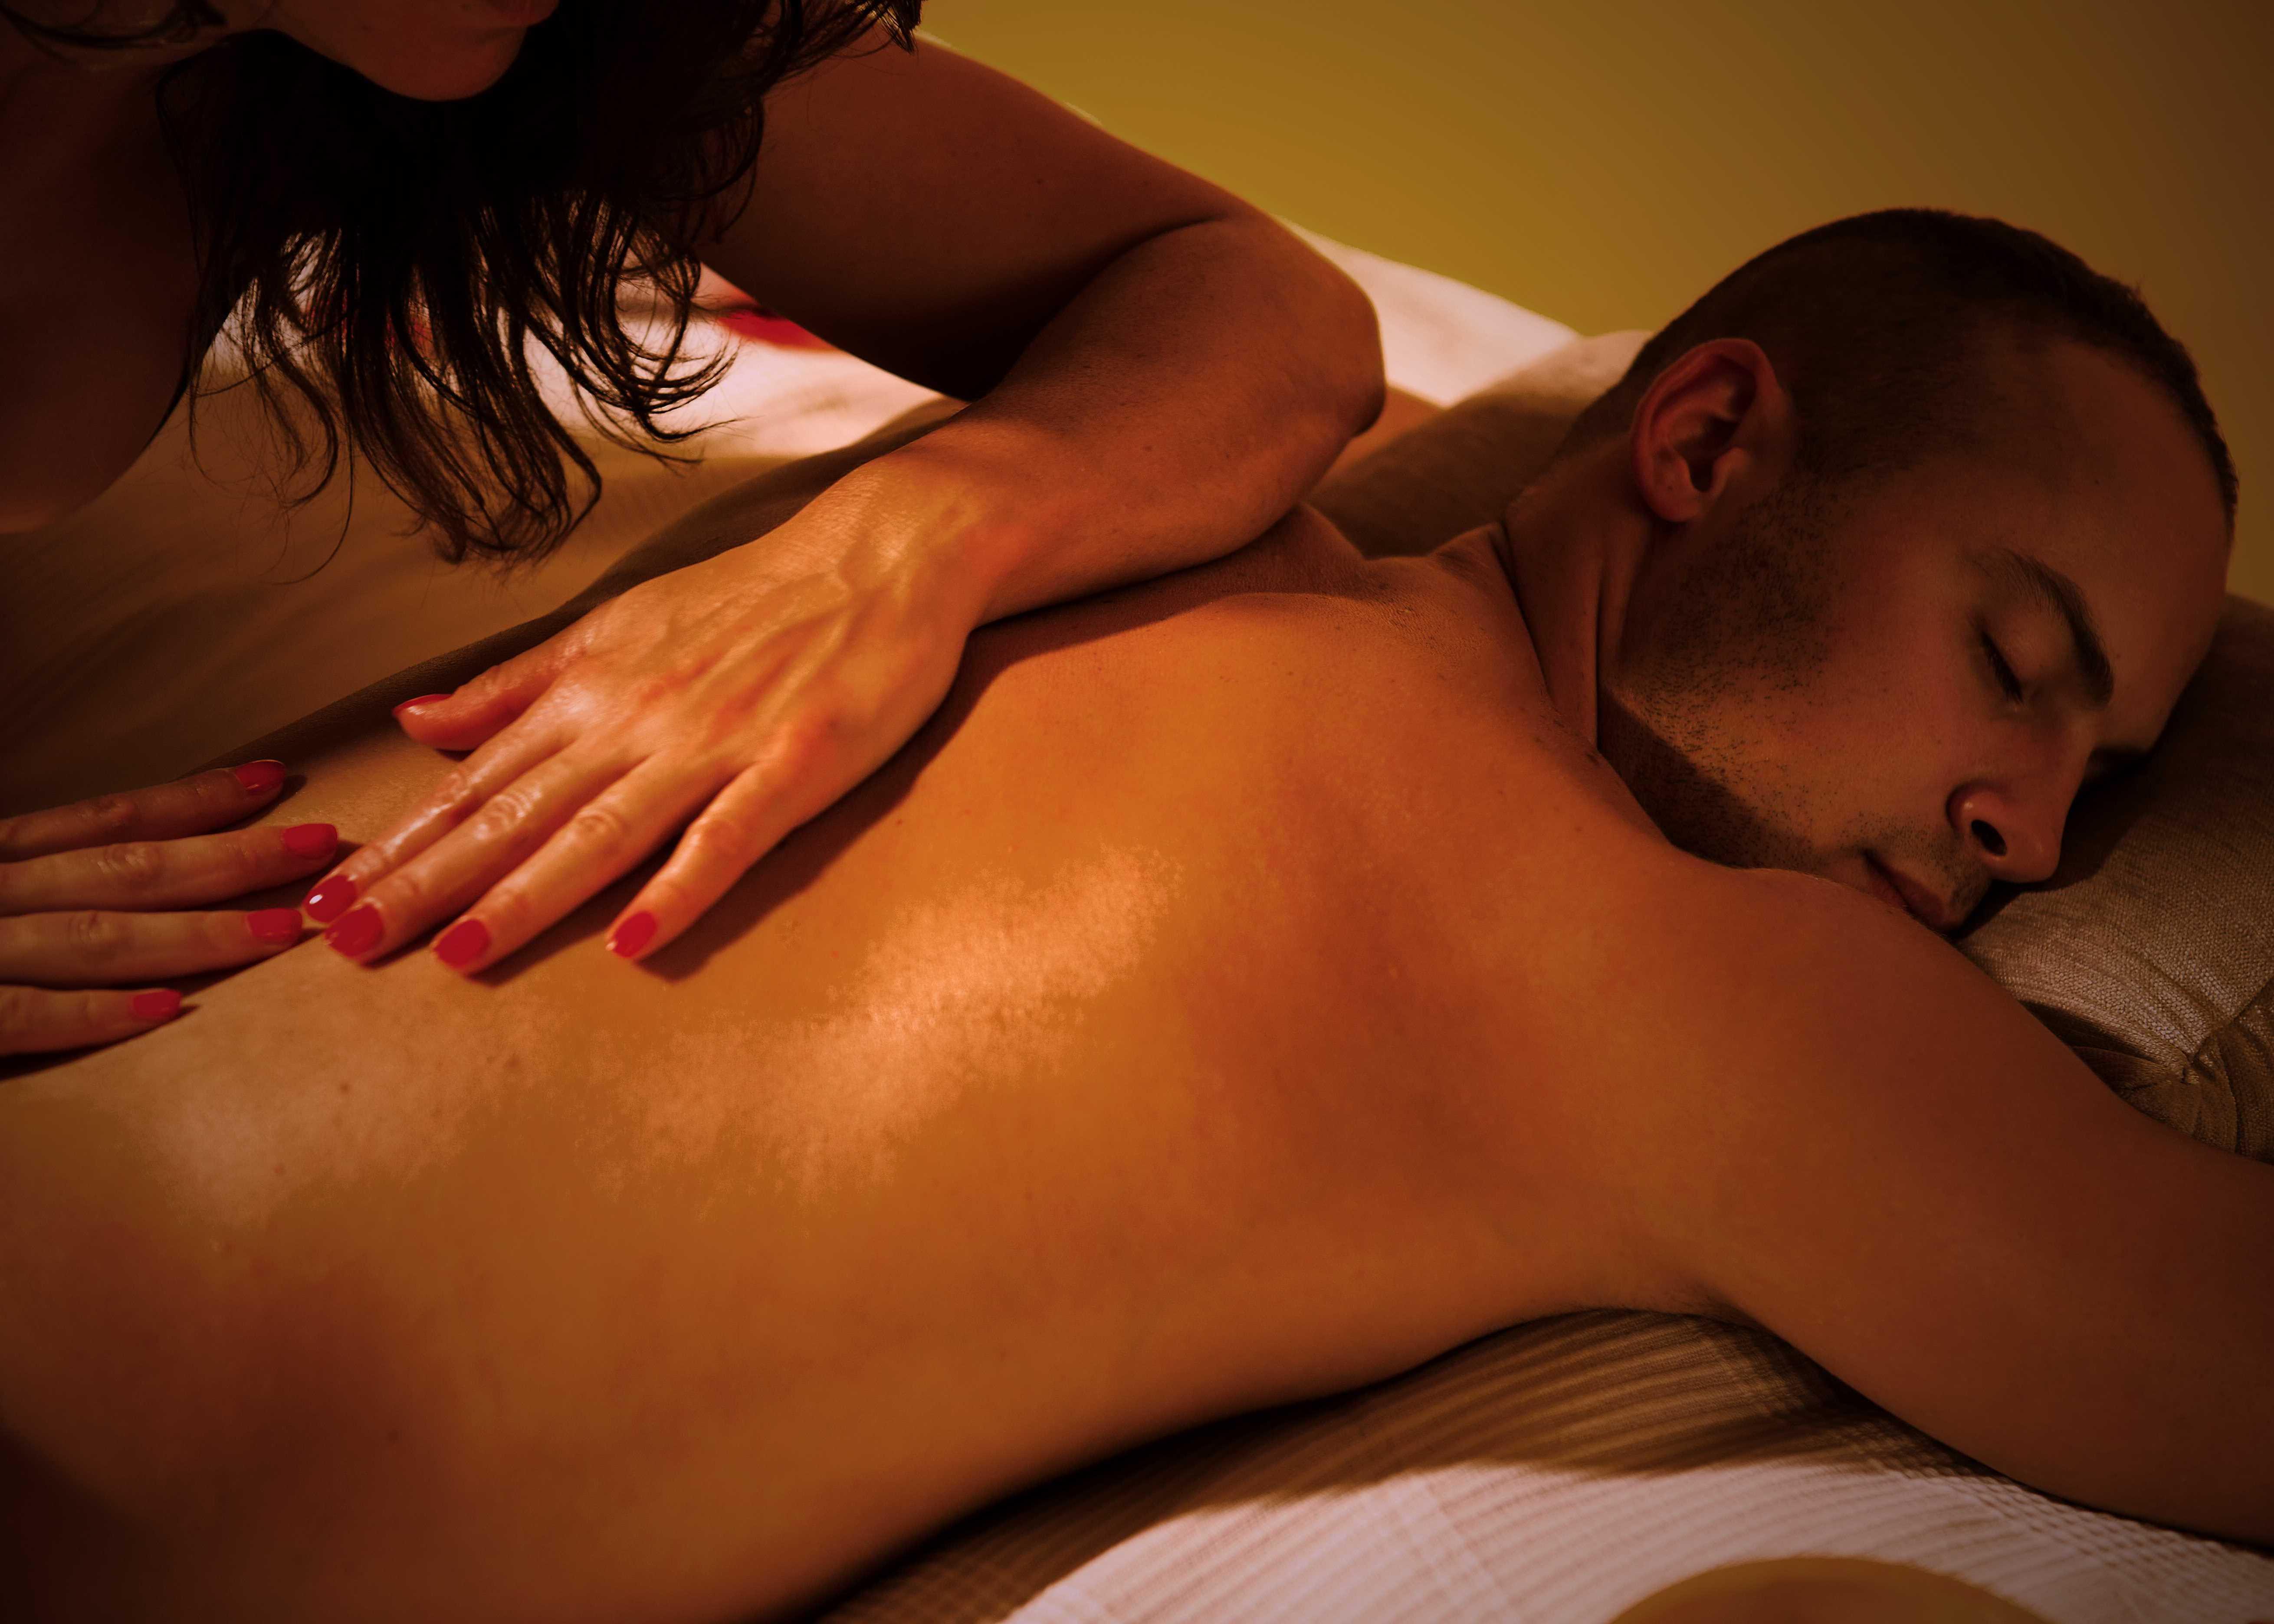 фото интимного массажа девушкам